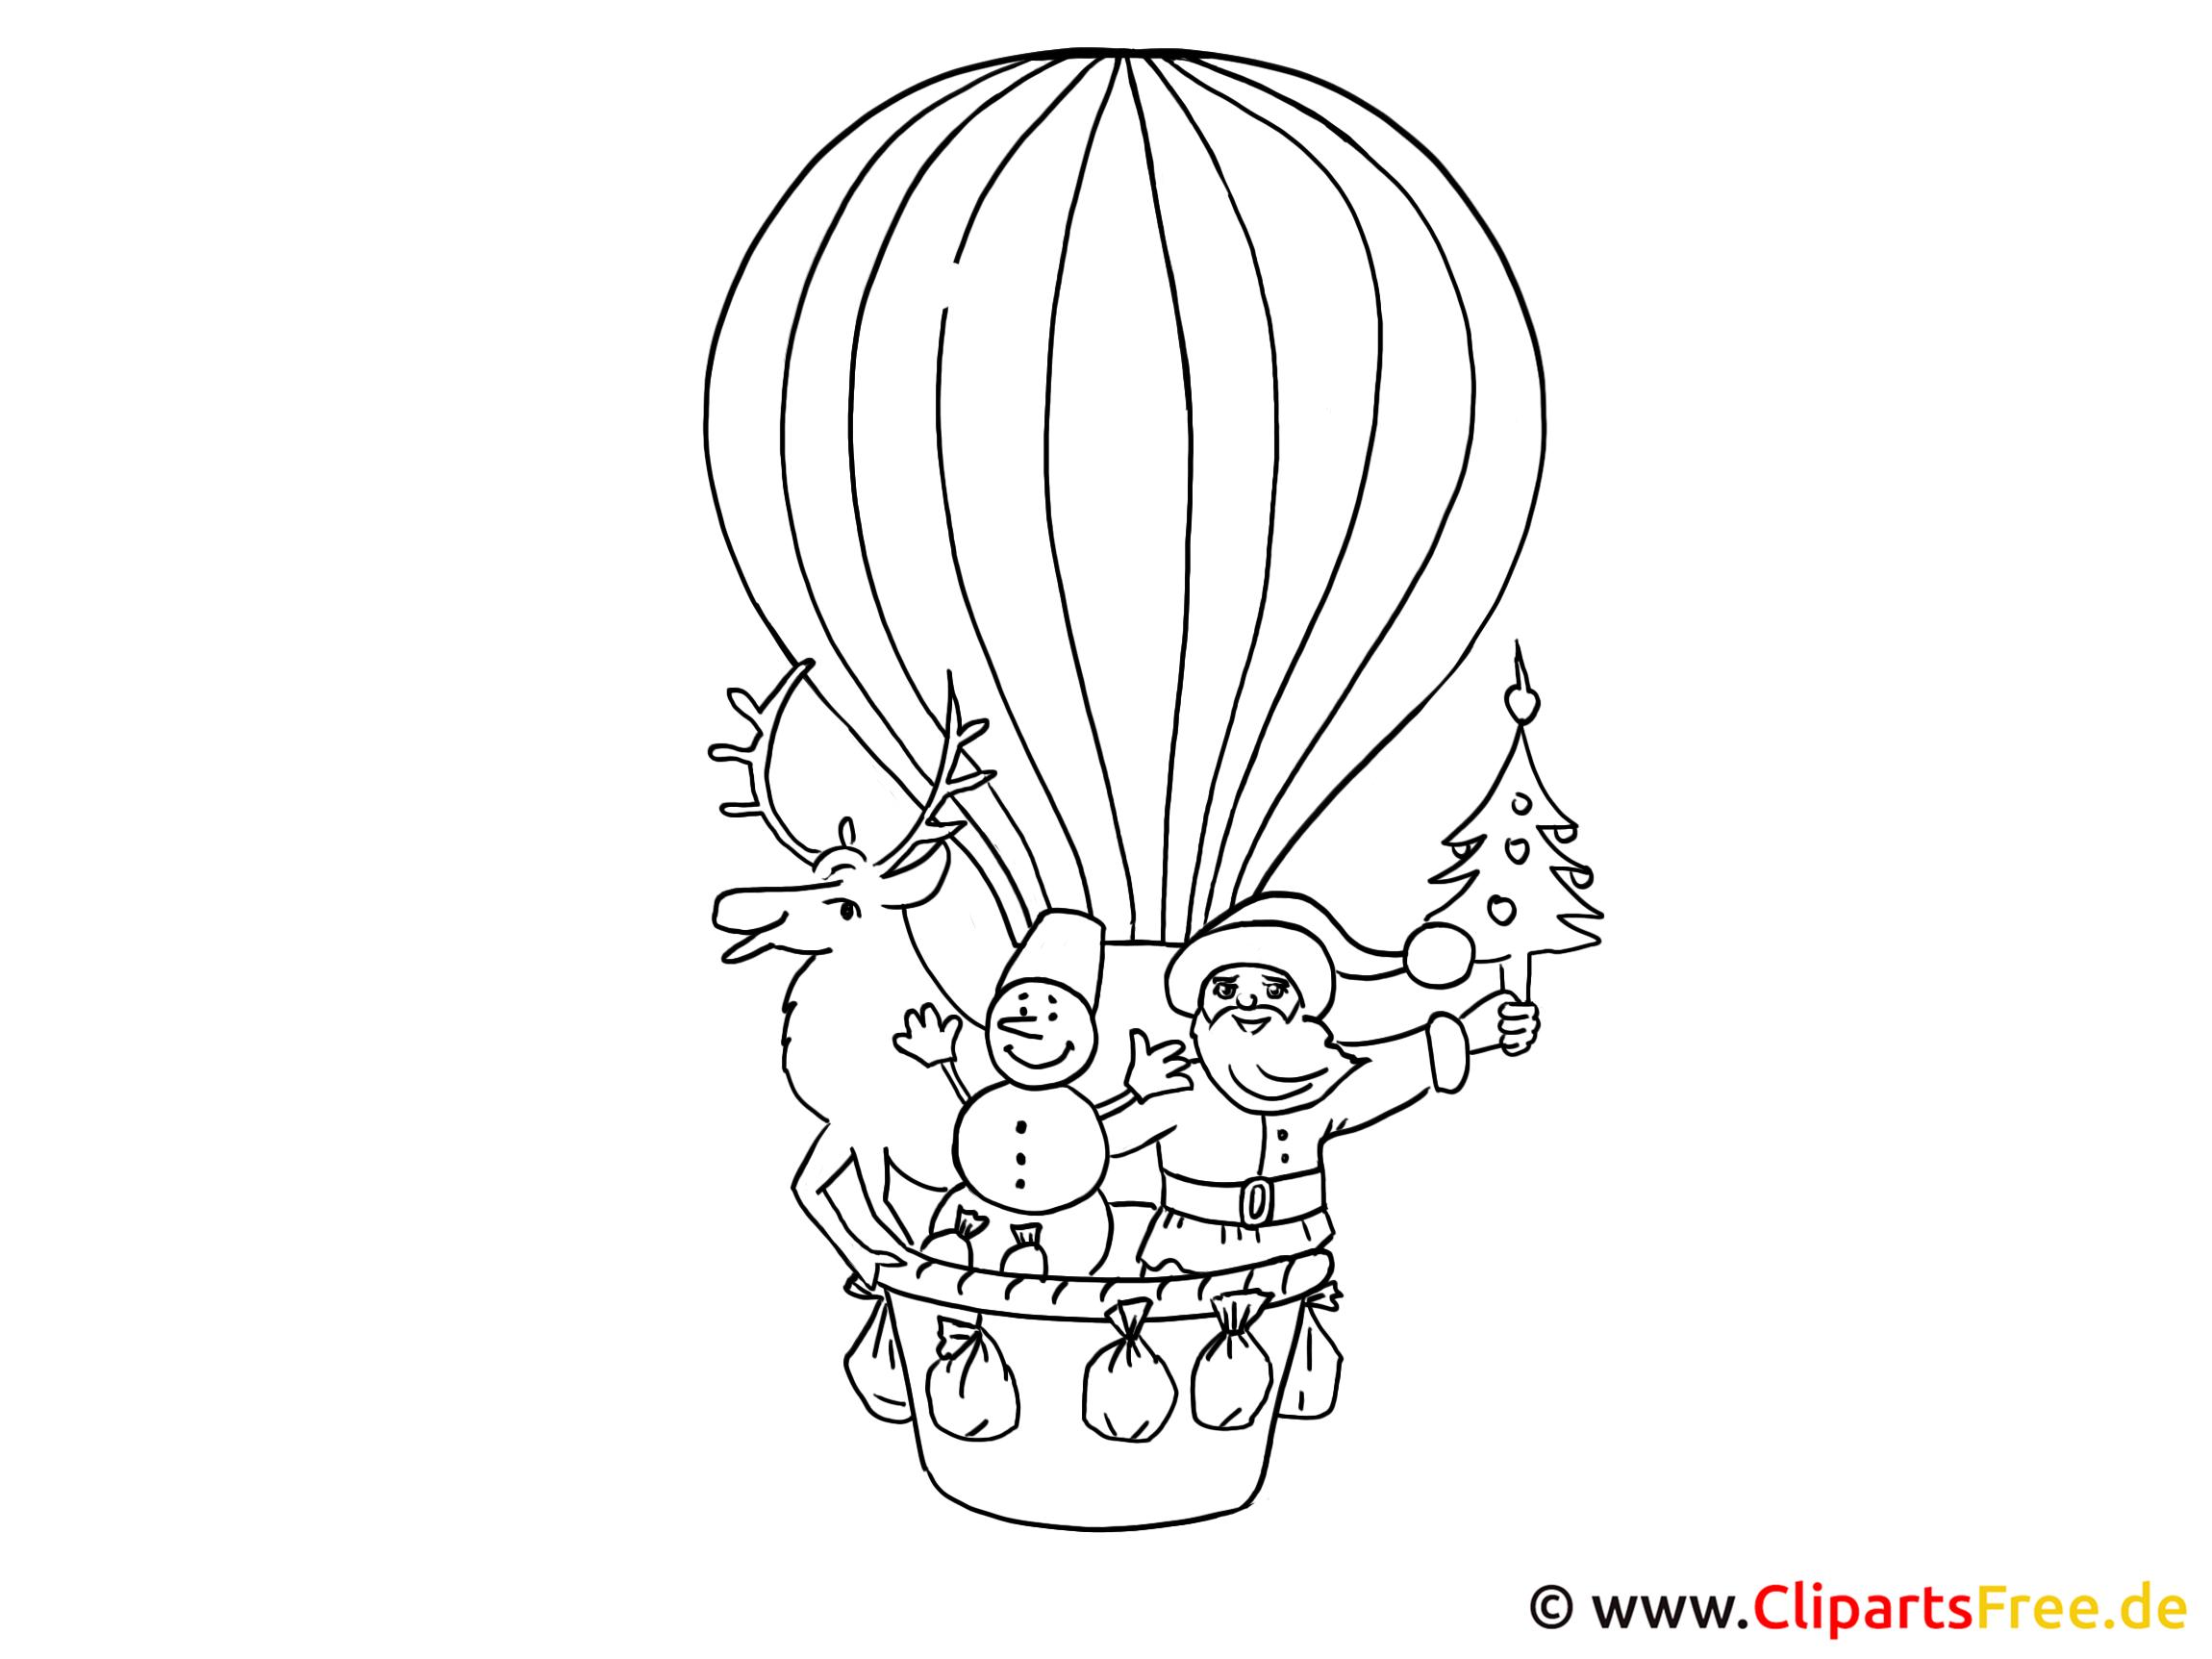 Ausmalbilder für Kinder zum Ausdrucken Heissluftballon